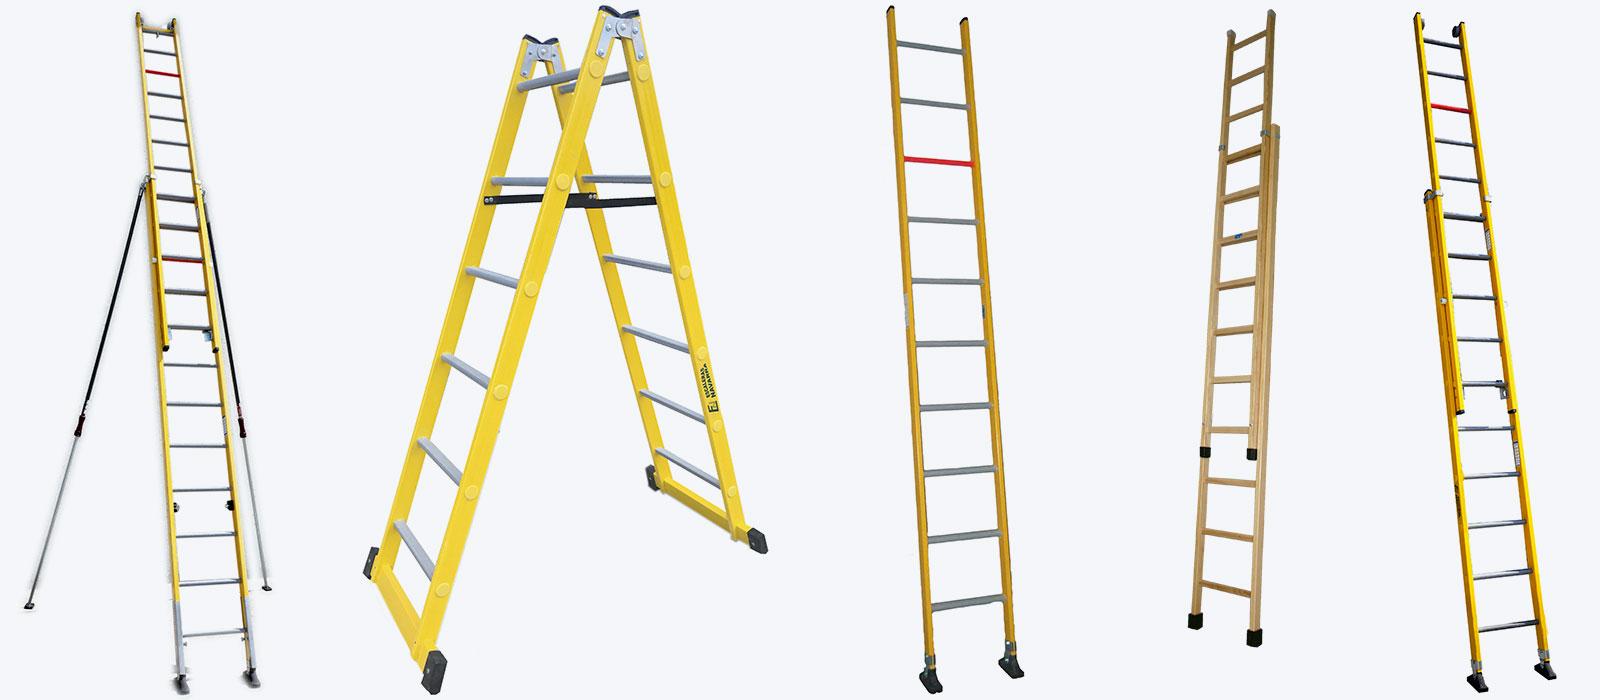 Escaleras navarra escaleras de madera y fibra de vidrio for Escaleras fibra